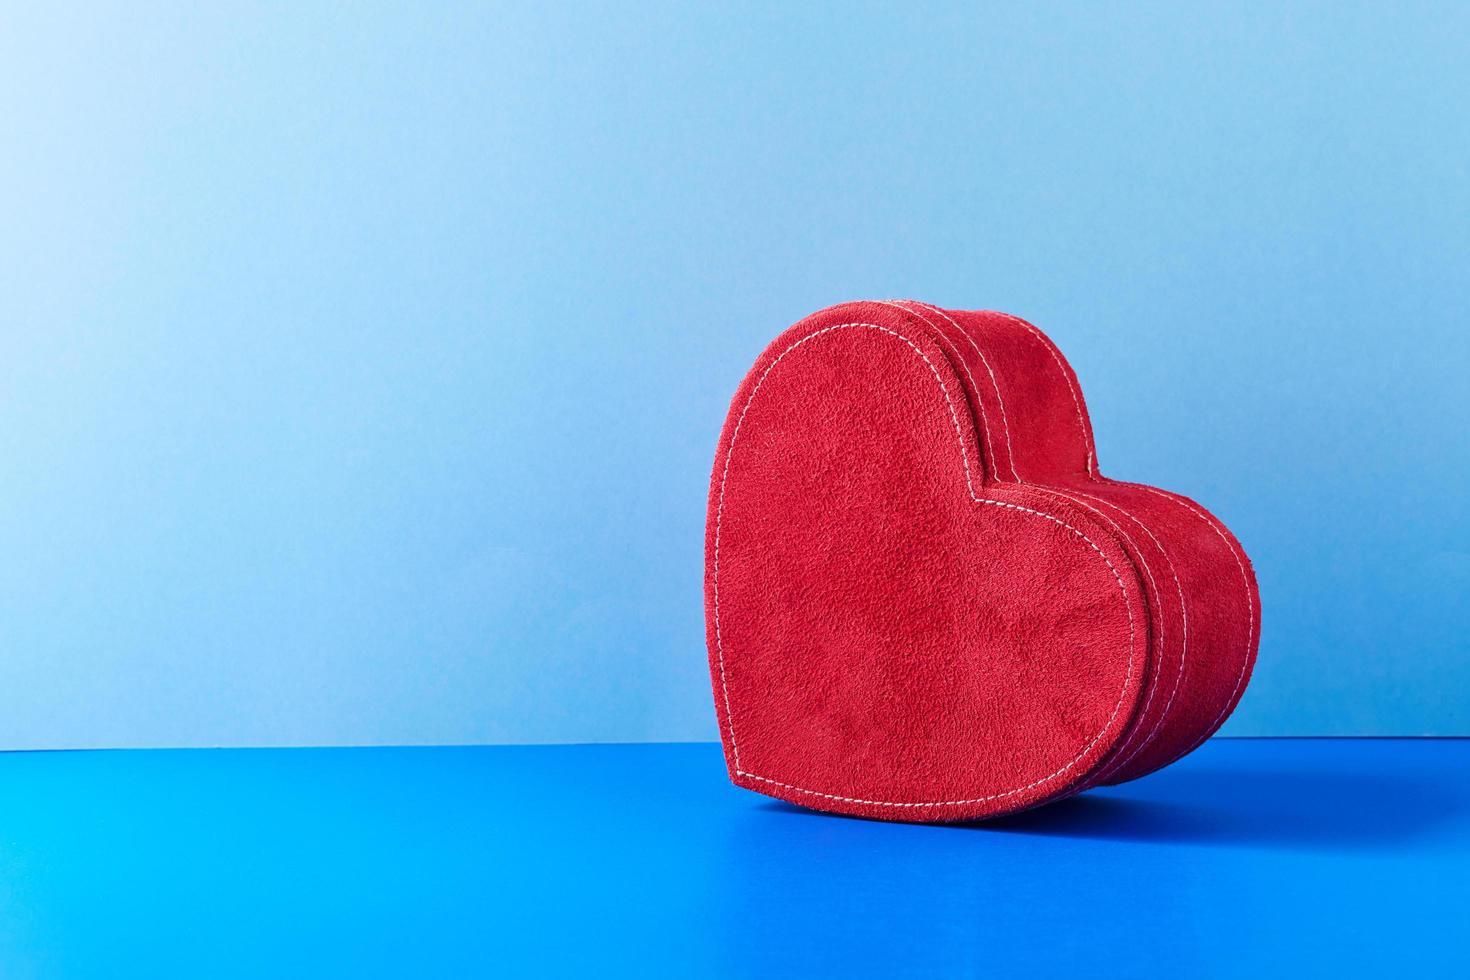 coffret cadeau coeur rouge sur fond bleu photo